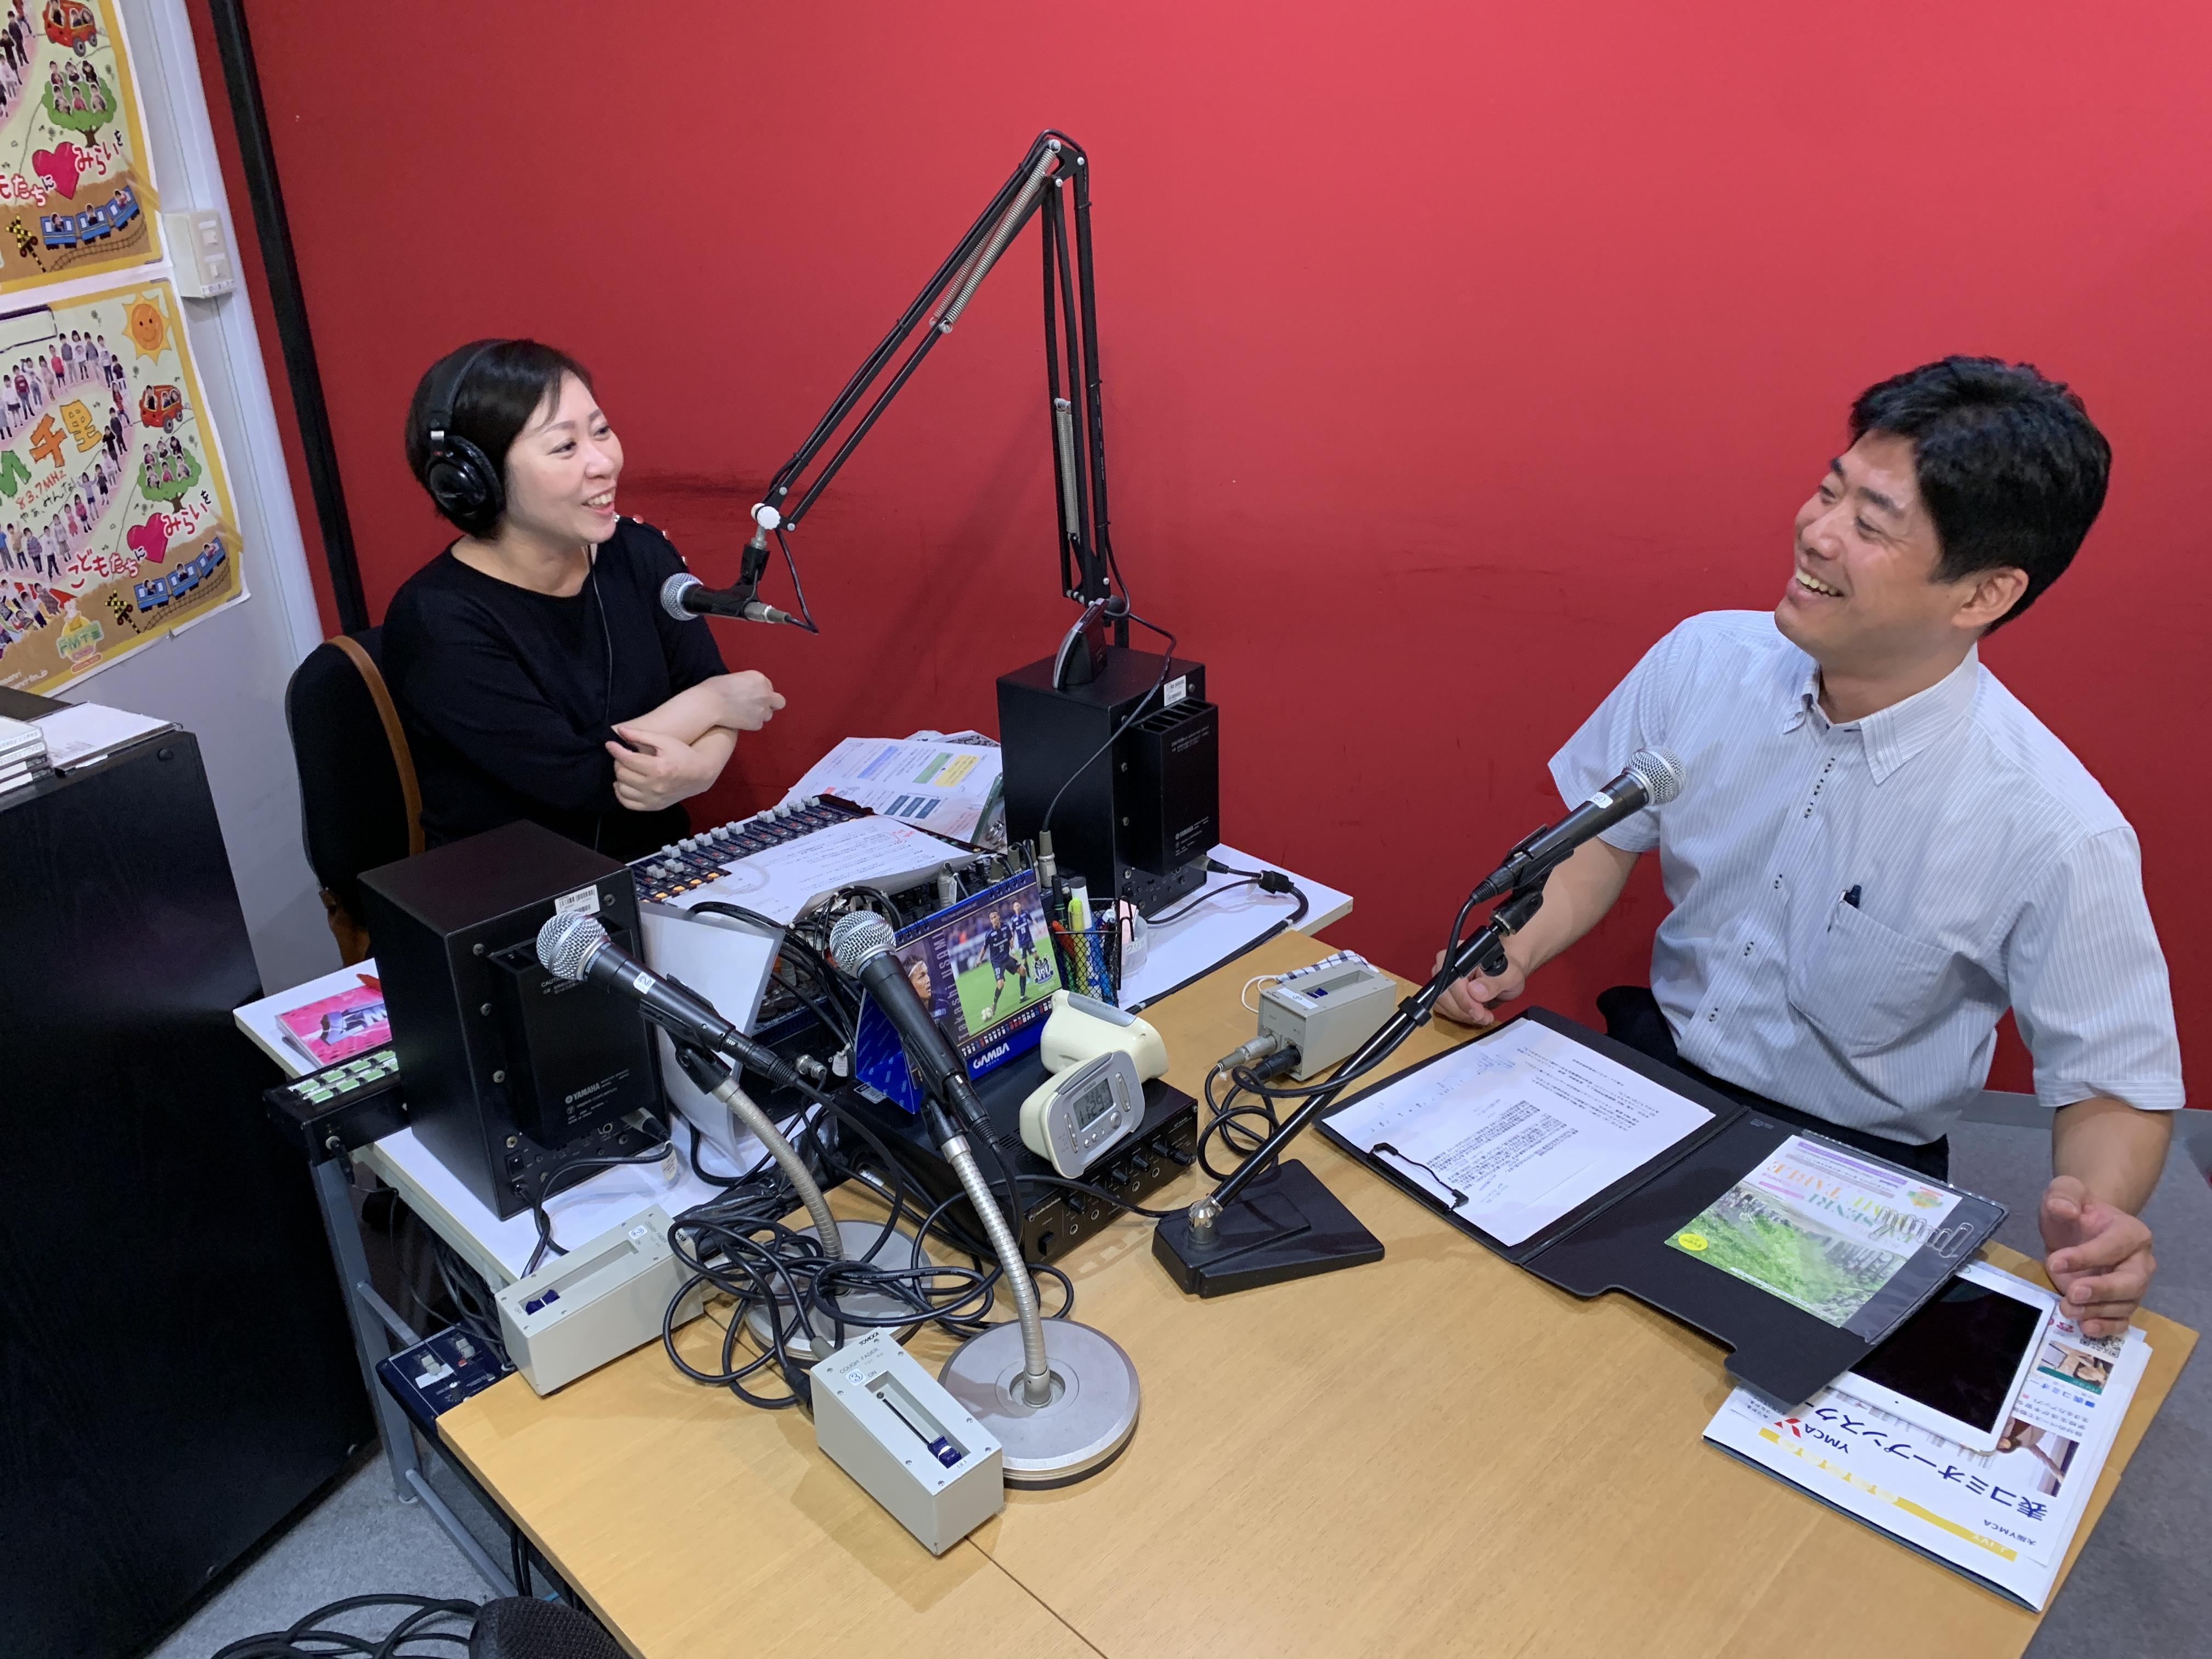 FMラジオ出演